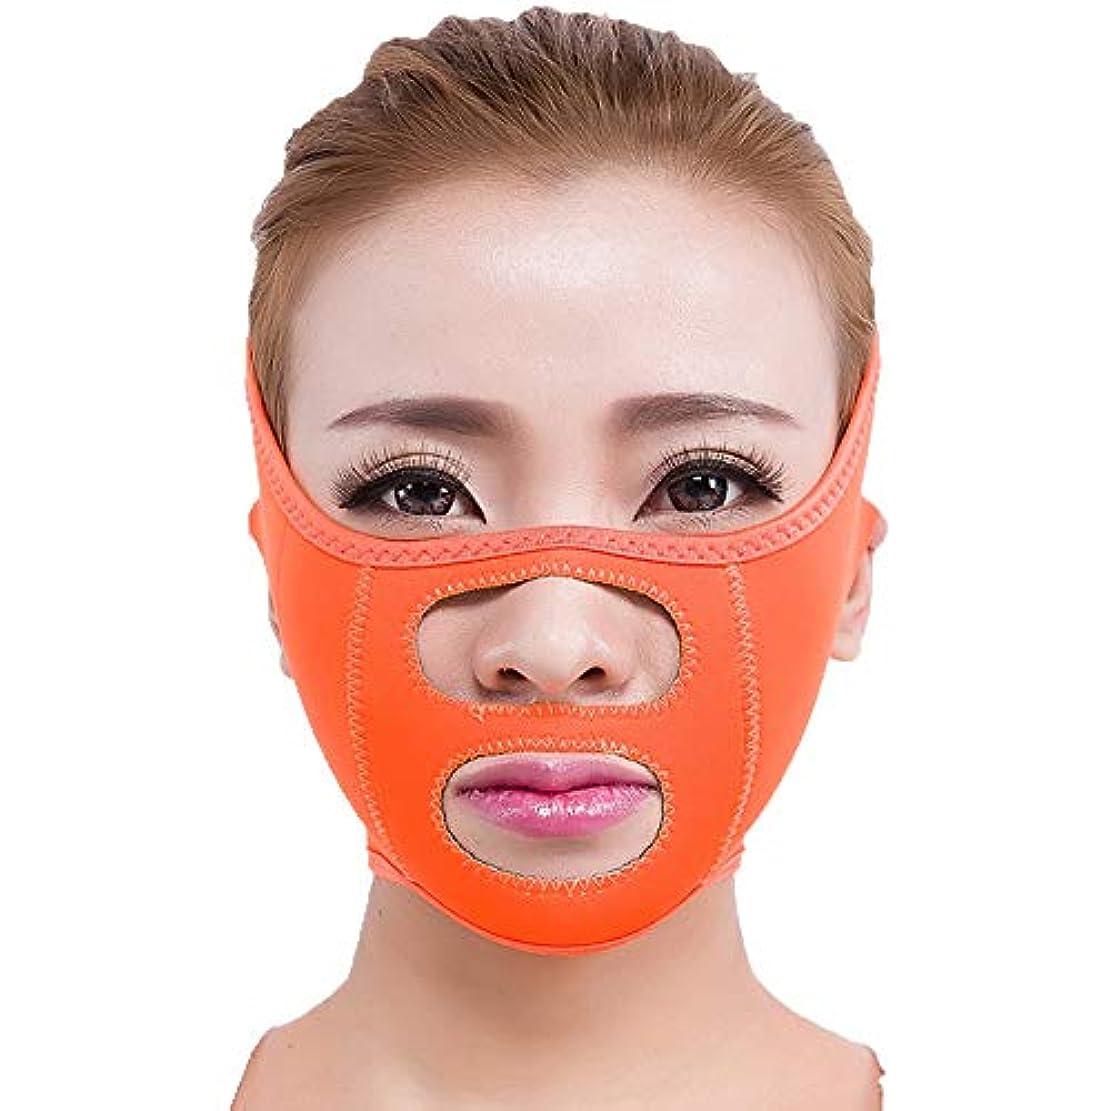 地元バランスのとれた最適二重顎の圧力低下装置、睡眠薄い顔のベルト小さなvの顔の器械の包帯マスク持ち上げる顔のステッカー,Orange